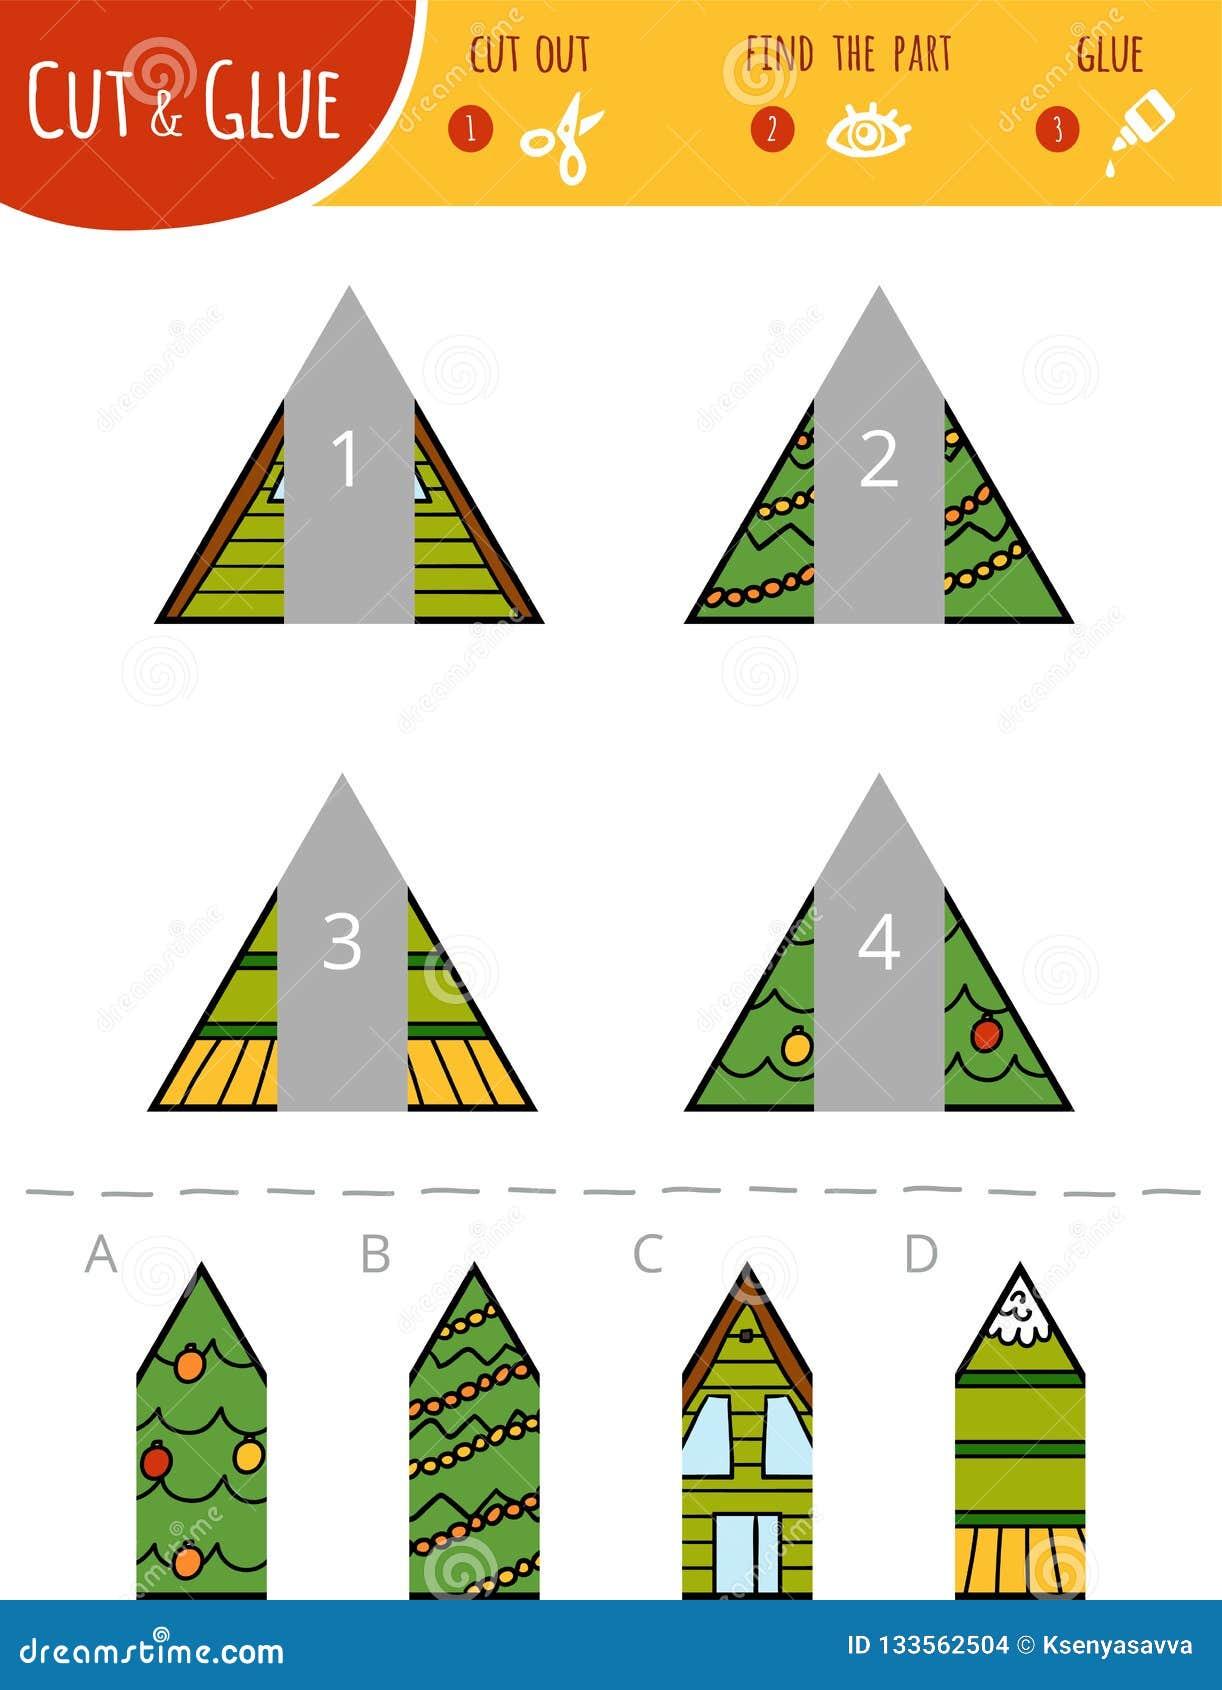 Encuentre la parte correcta Corte y juego del pegamento para los niños triángulos